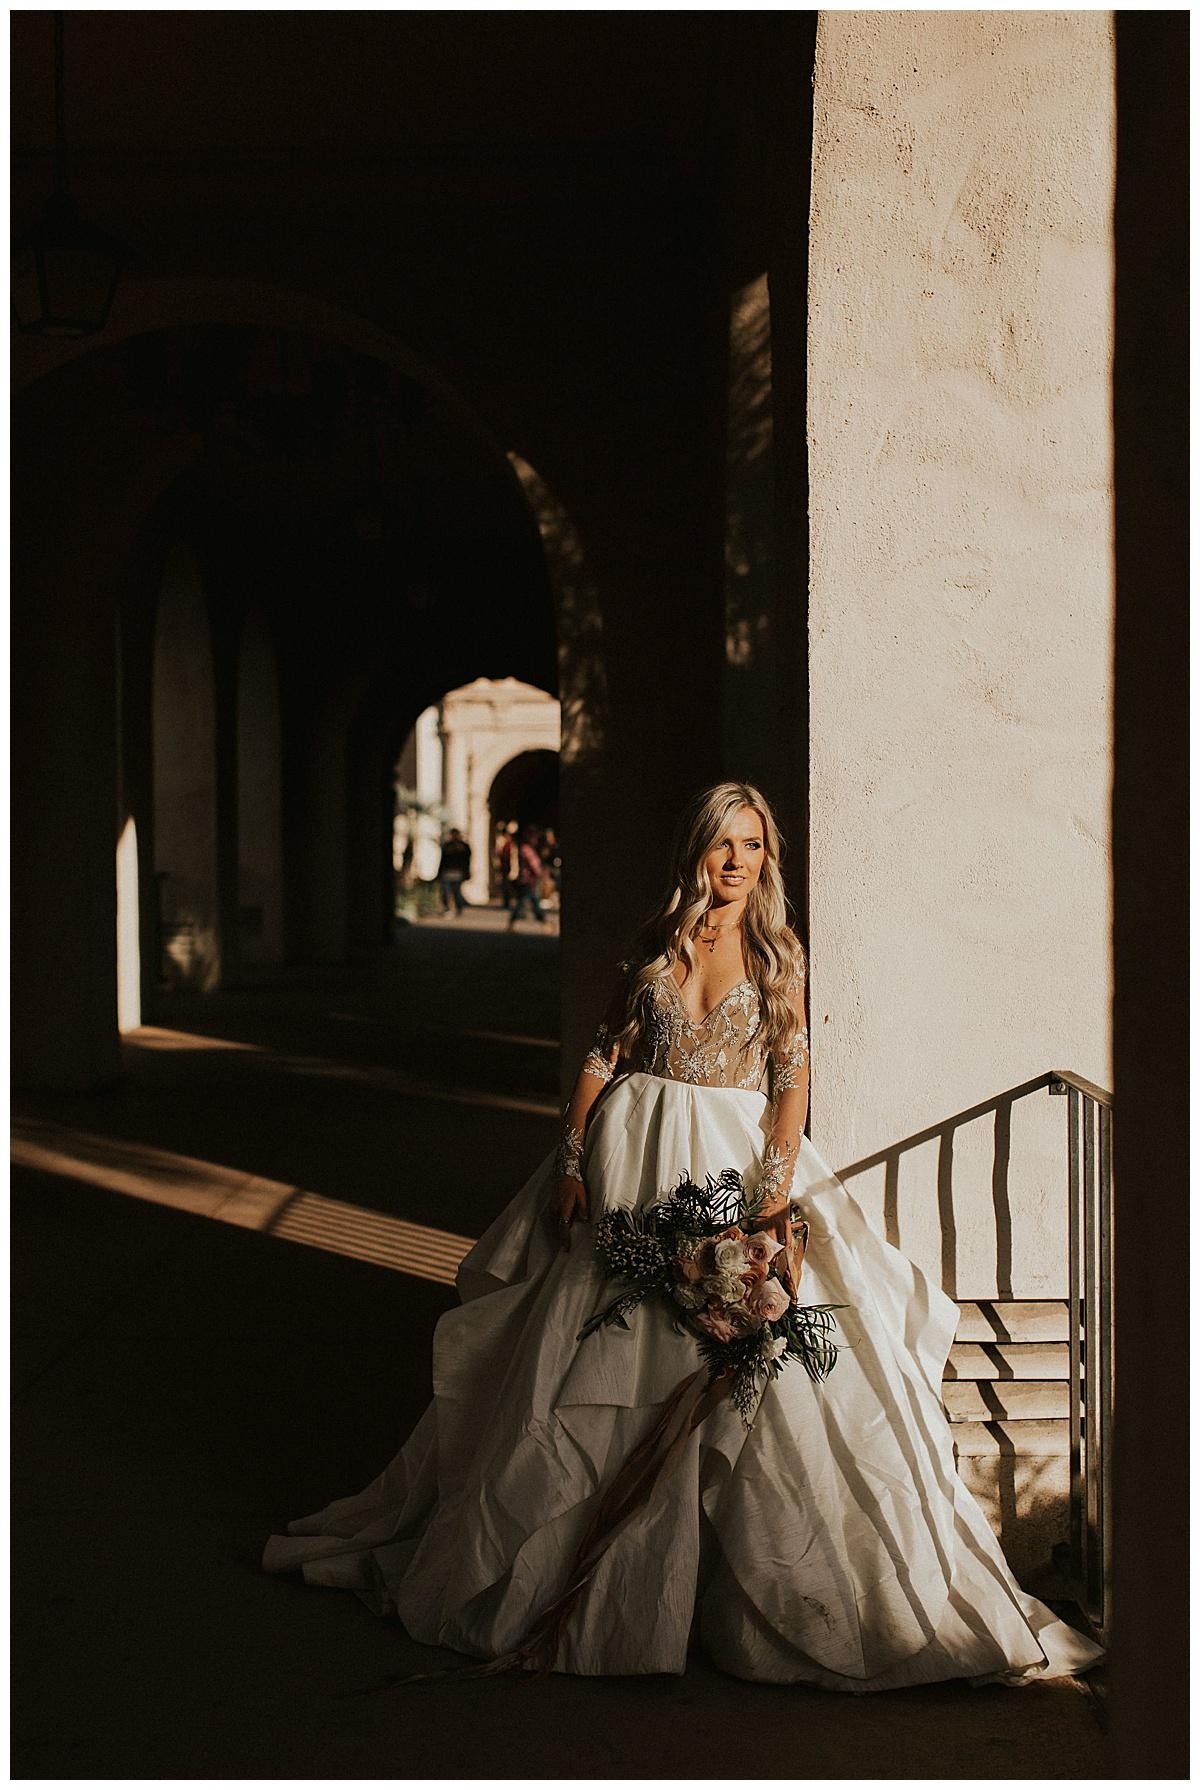 Bixby+Pine-Sarah-Anne-Photography-Balboa-Park-San-Diego-Californai_0017.jpg